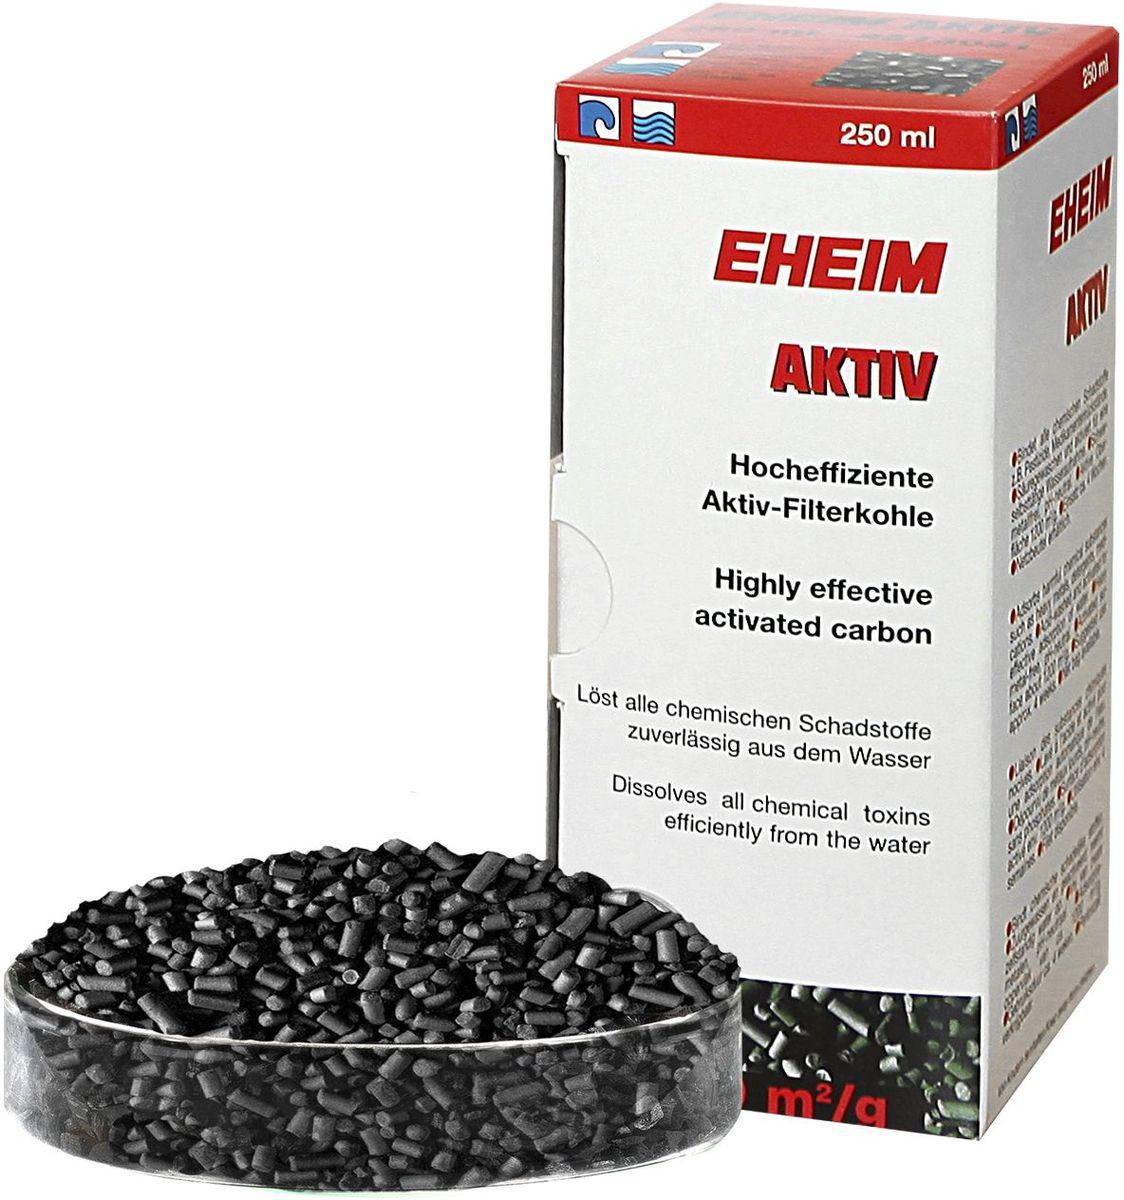 Наполнитель для фильтра Eheim Aktiv Carbon, угольный, 250 мл наполнитель для фильтра eheim experience 150 250 угольный 3 шт